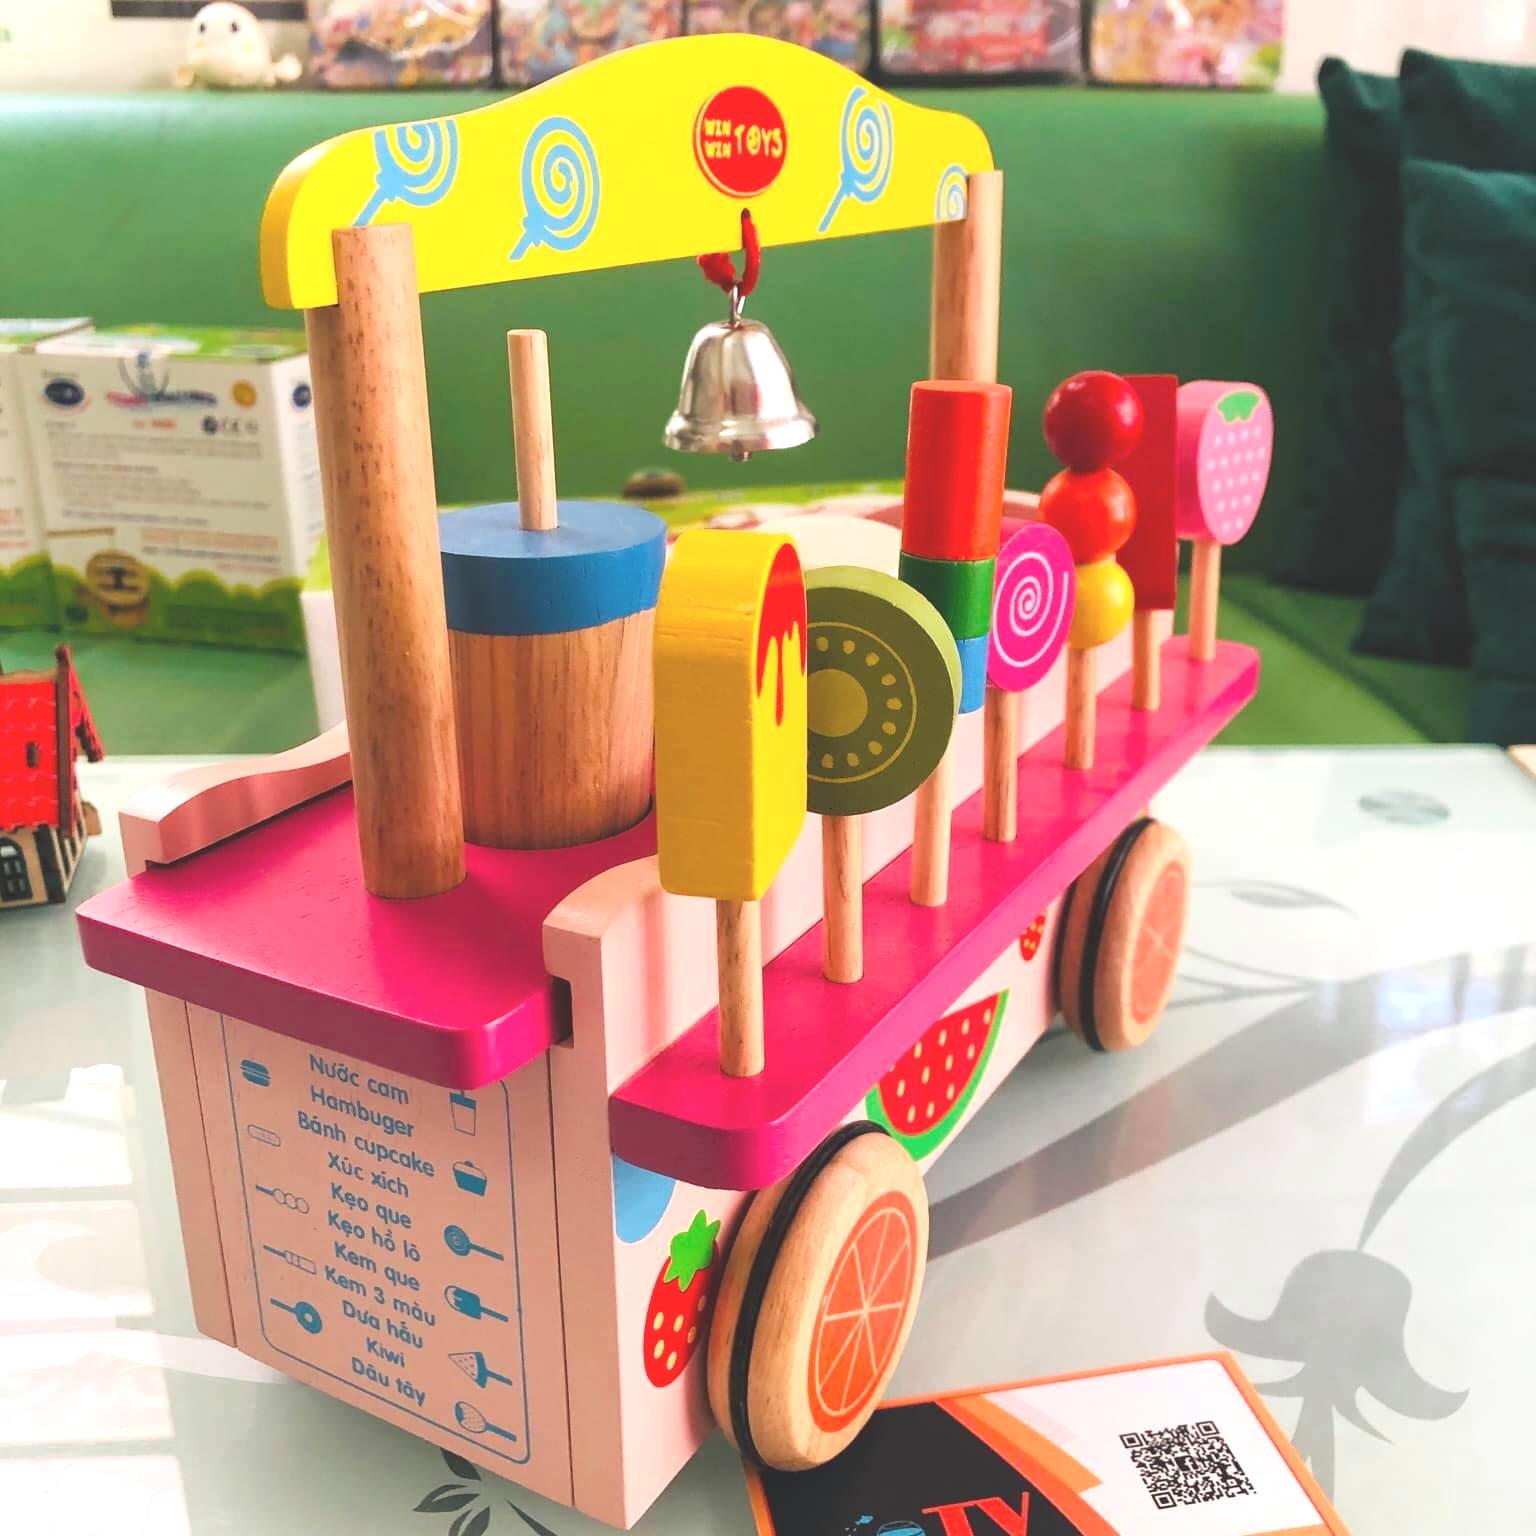 Trò chơi gian hàng cho bé Đồ chơi gỗ quầy bán hàng Việt Nam 3